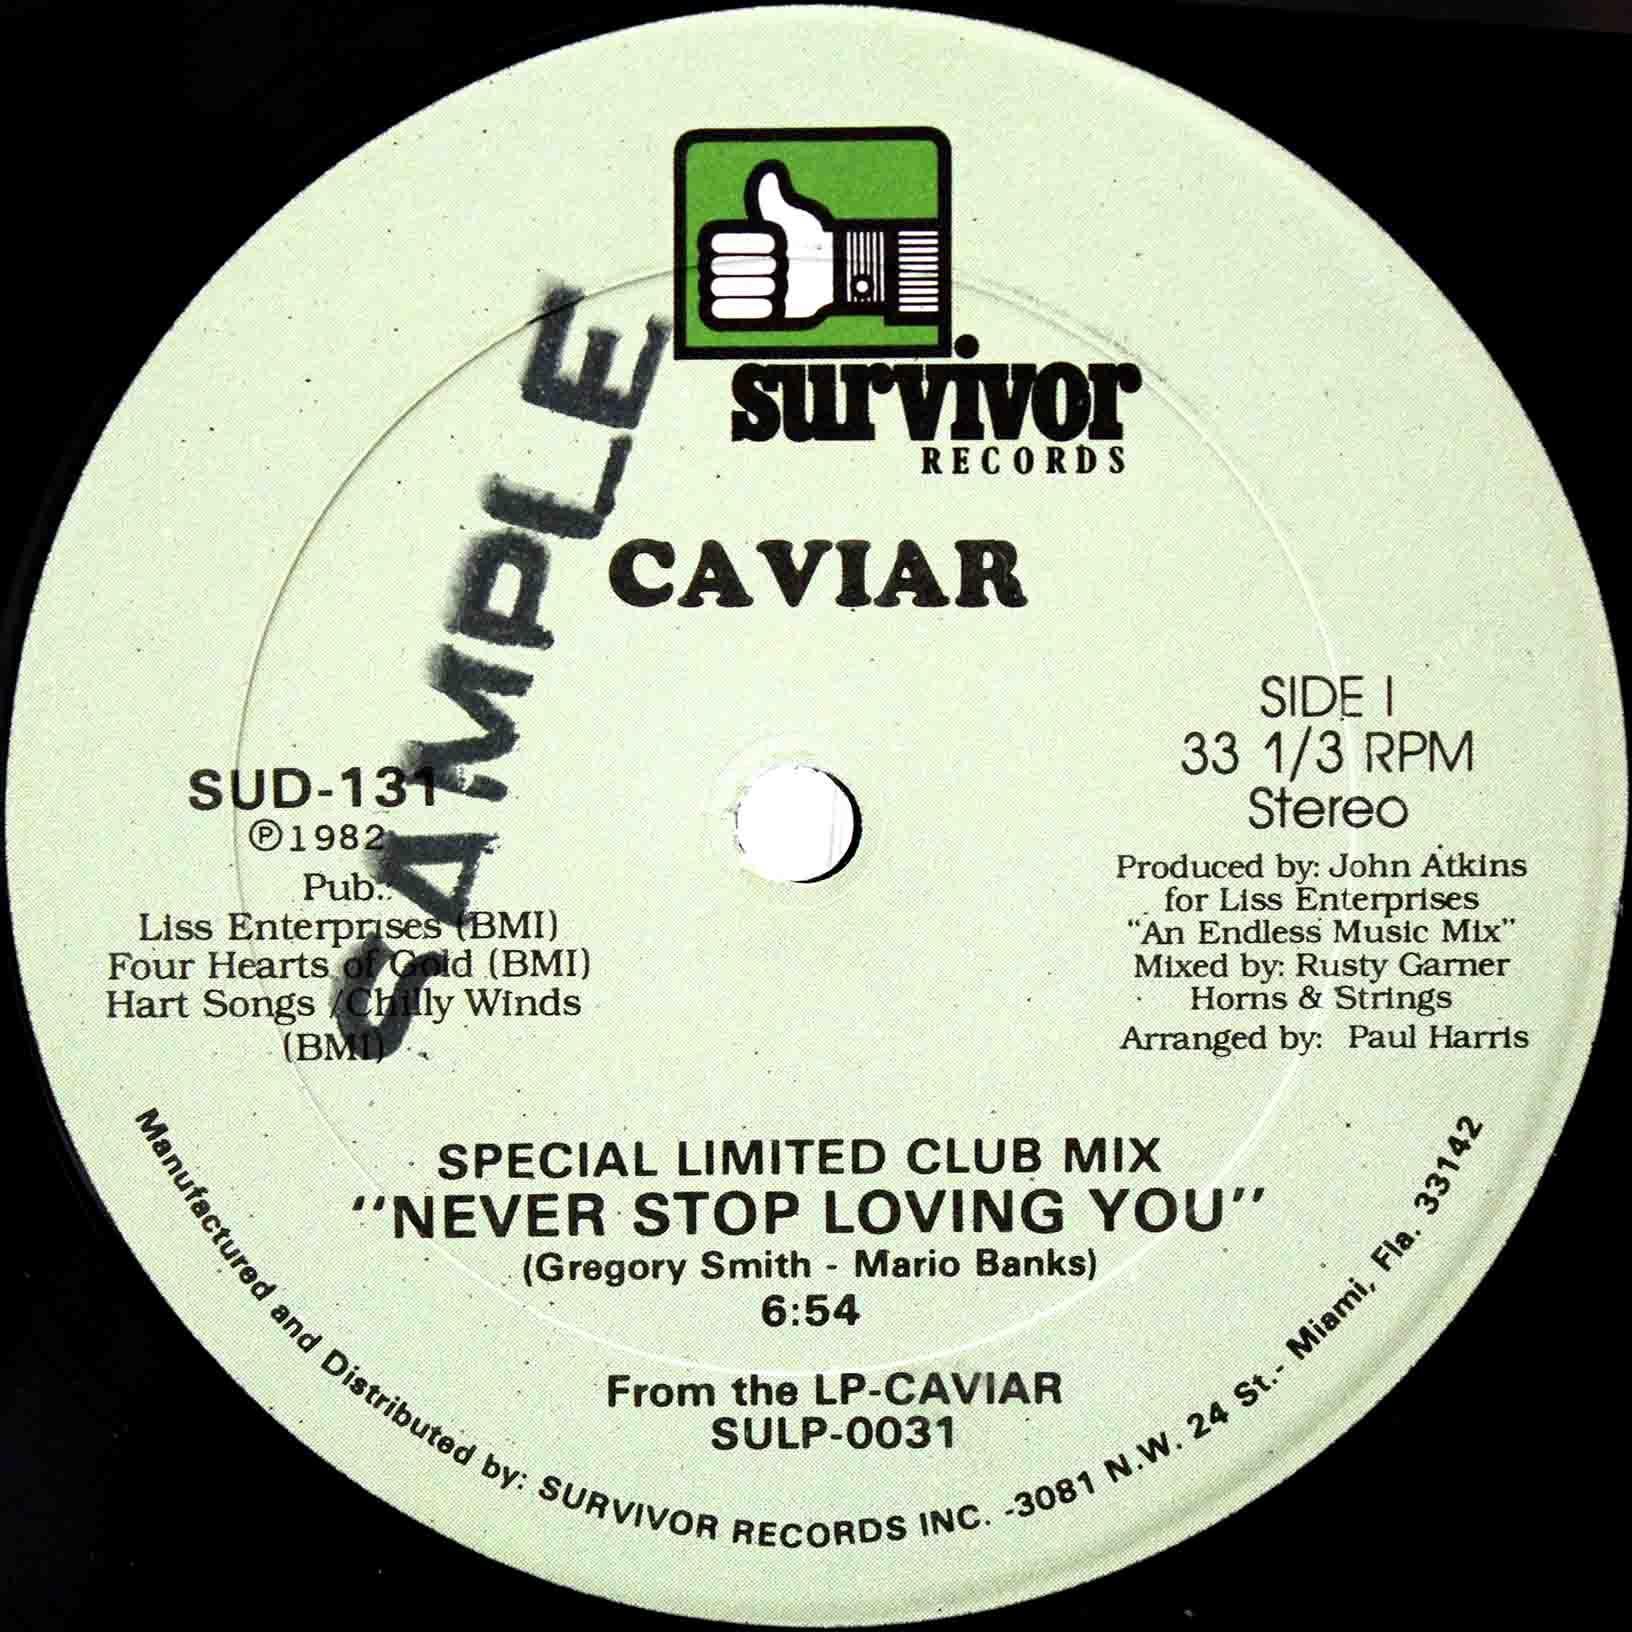 Caviar Never Stop Loving You 03